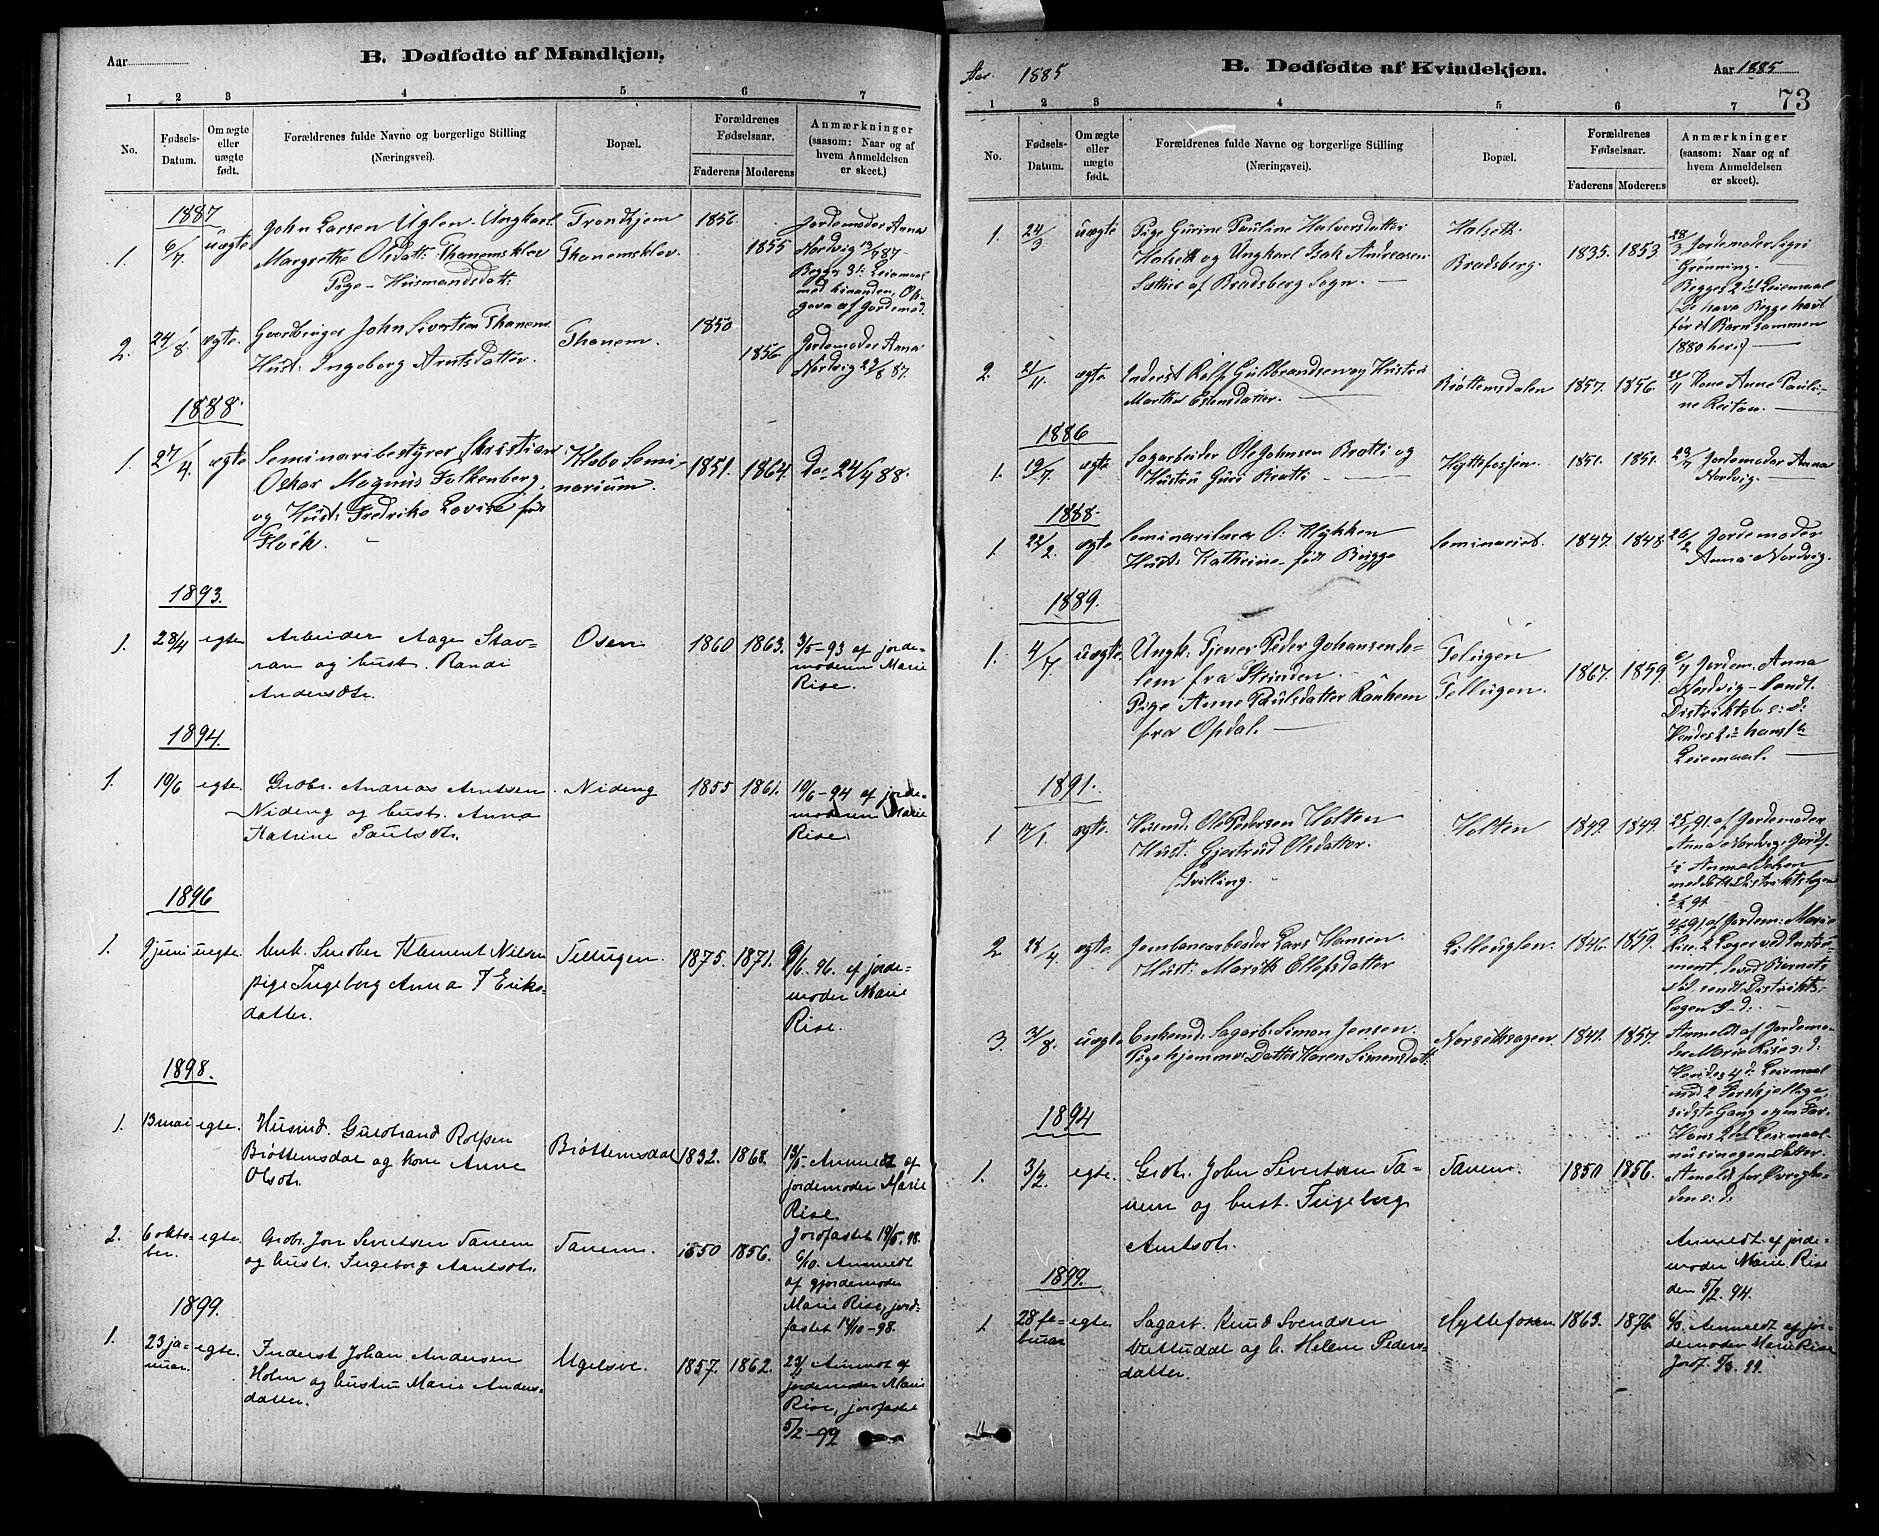 SAT, Ministerialprotokoller, klokkerbøker og fødselsregistre - Sør-Trøndelag, 618/L0452: Klokkerbok nr. 618C03, 1884-1906, s. 73